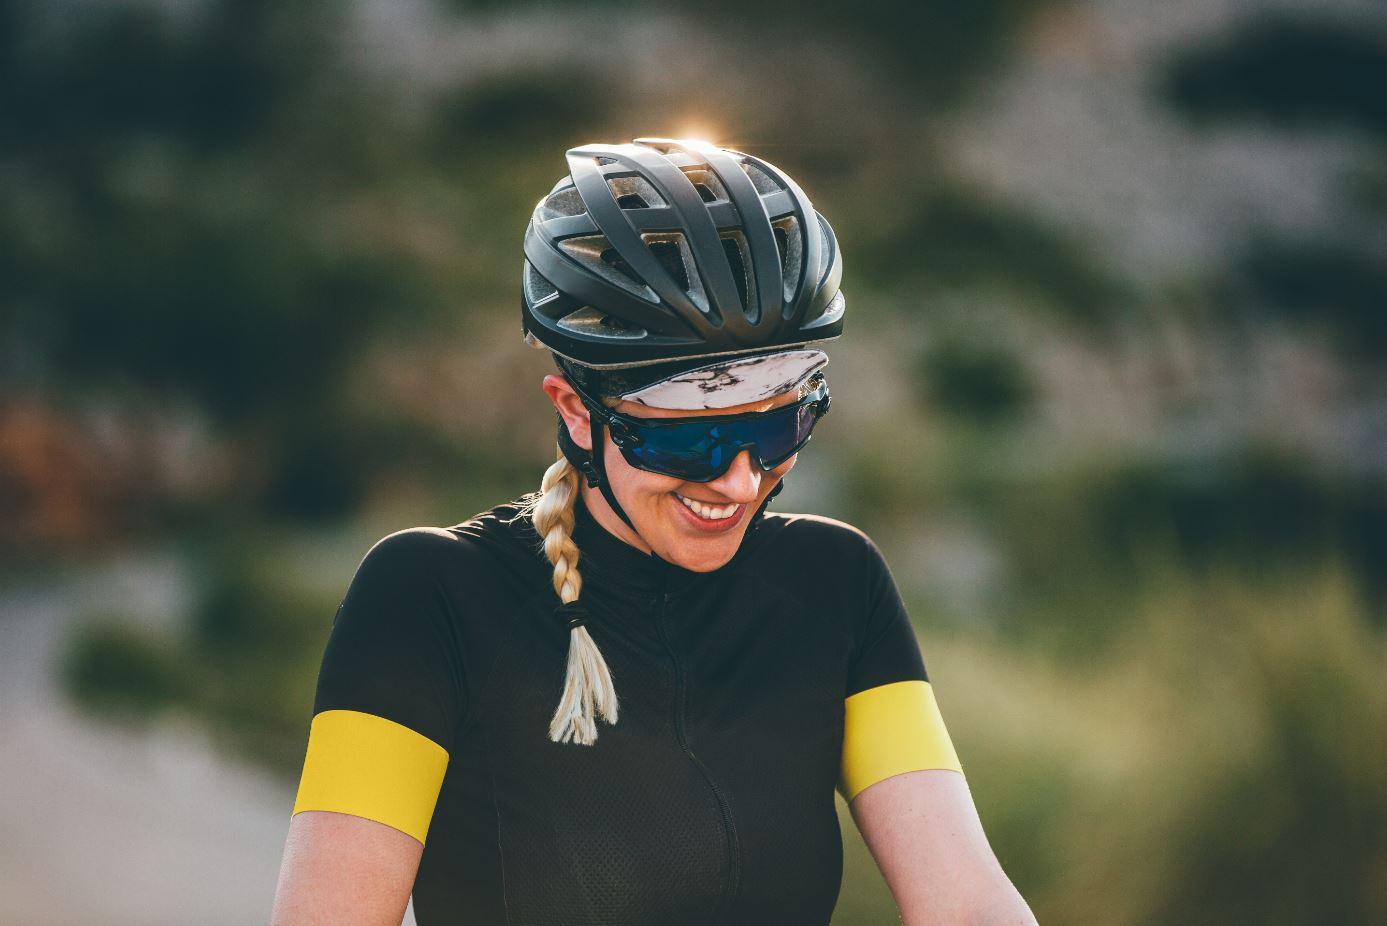 Fahrradbekleidung - der Kopf: auf Passform und Belüftung achten!